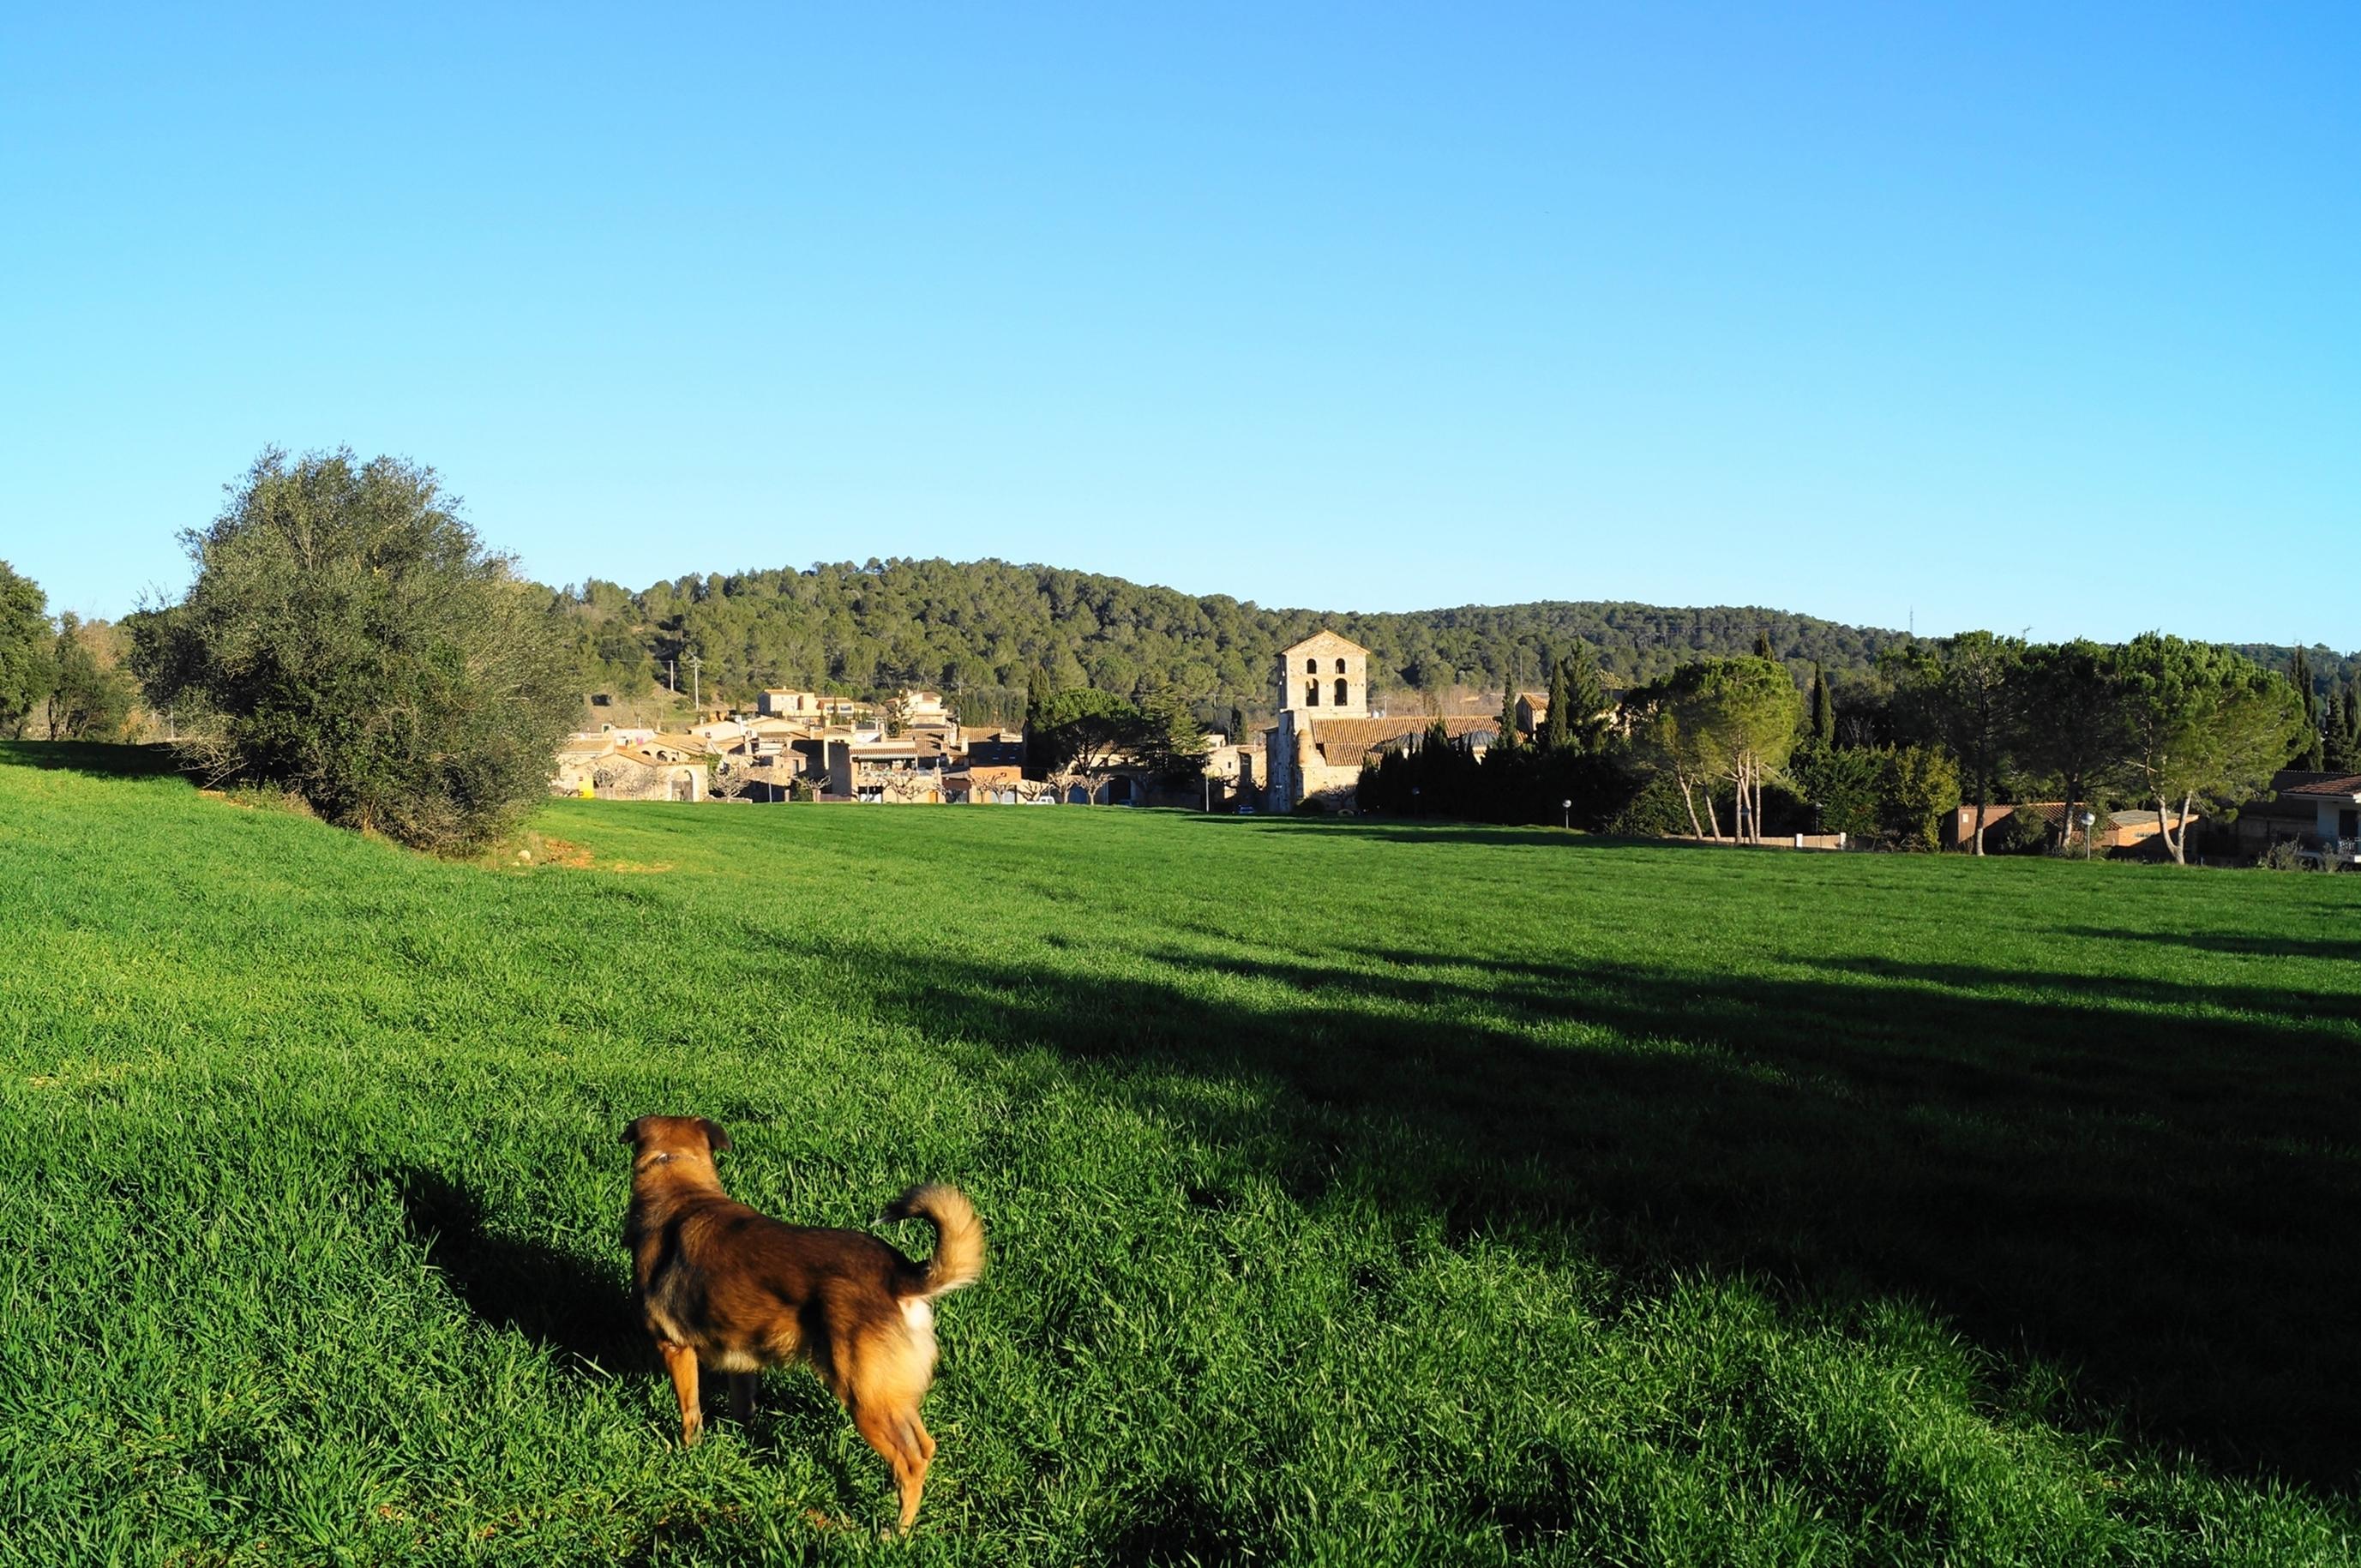 casas_rurales_perros_verano4.jpg